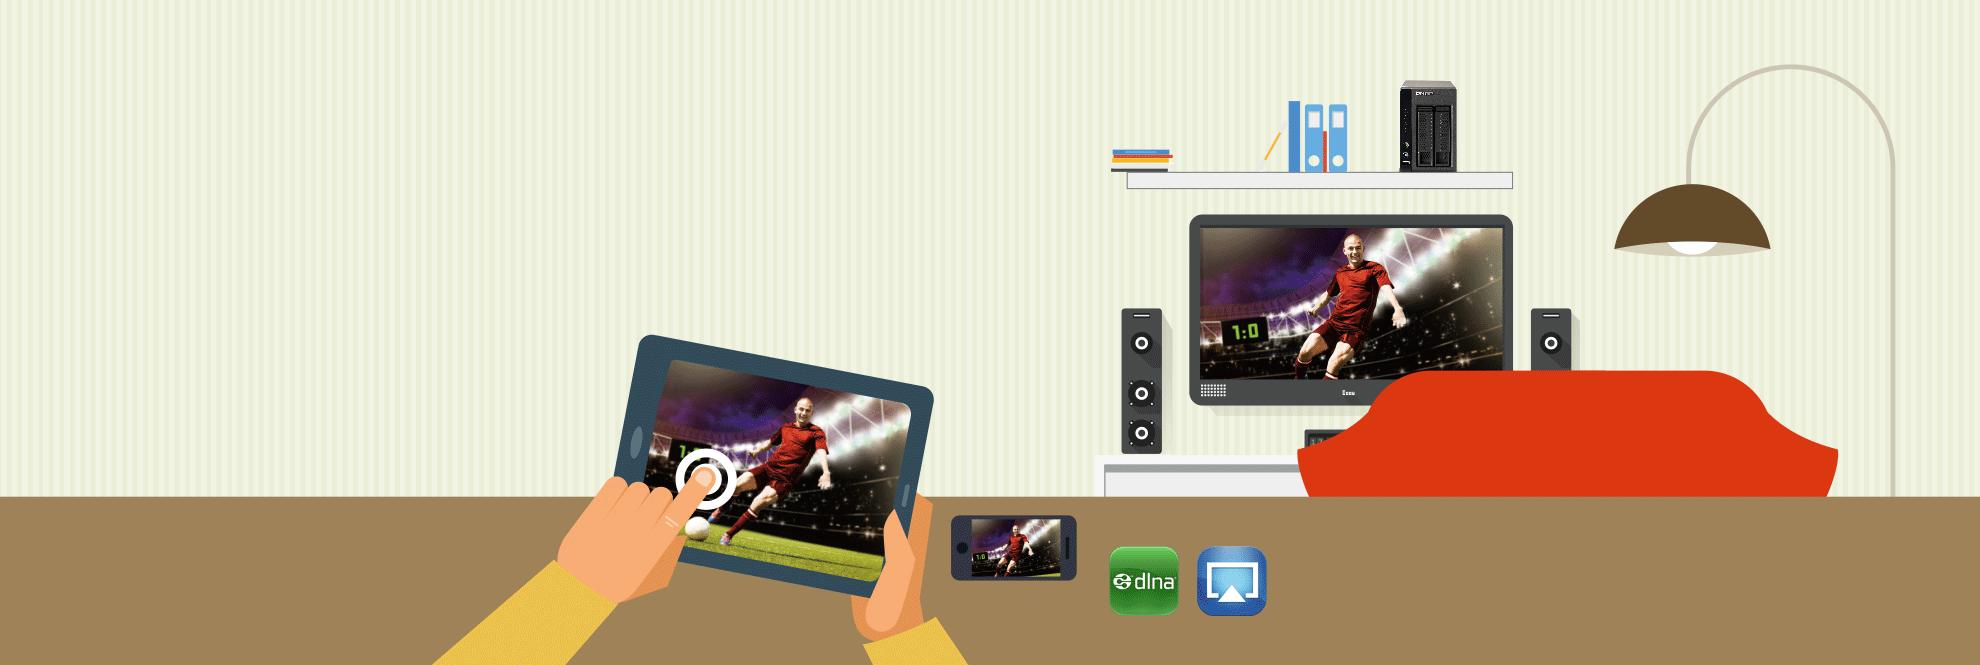 Disfrute sus películas en cualquier lugar Al ofrecer espacio suficiente para innumerables videos de alta definición (HD) y una amplia gama de opciones como DLNA, AirPlay, transcodificación en tiempo real en dispositivos móviles y conectividad HDMI, el Turbo ÑAS puede transformarse fácilmente en el componente principal de su cine en el hogar y entretenimiento hogareño.